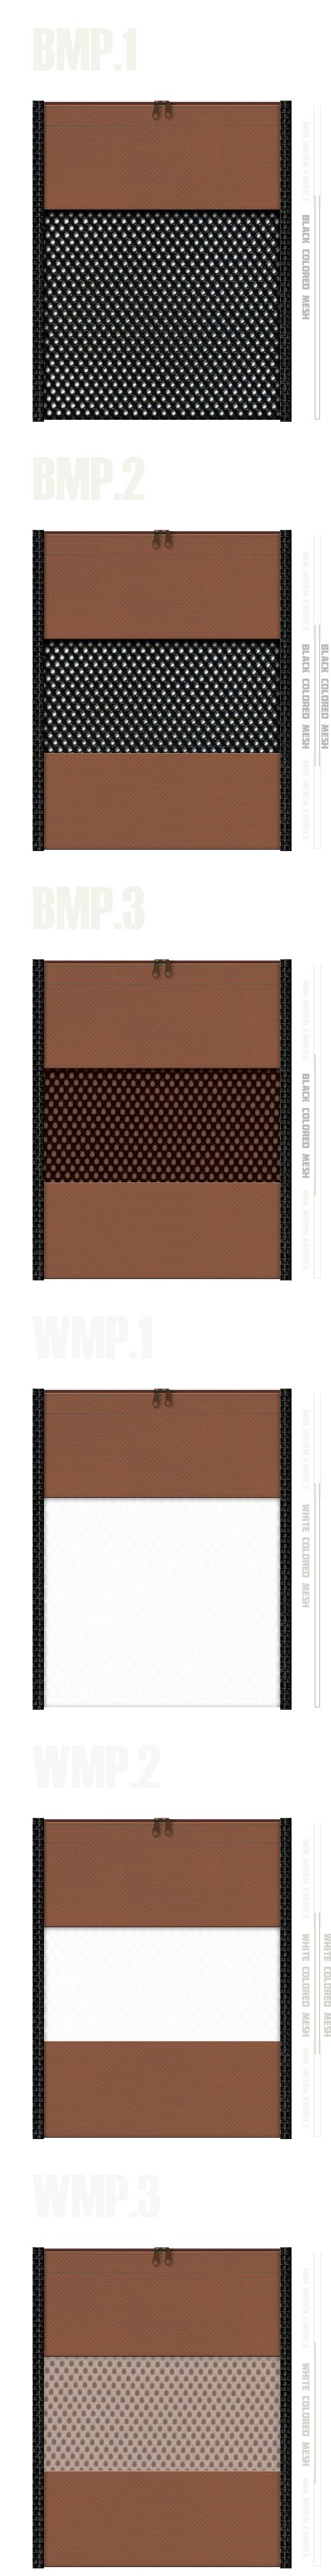 メッシュポーチのカラーシミュレーション:黒色・白色メッシュと茶色不織布の組み合わせ